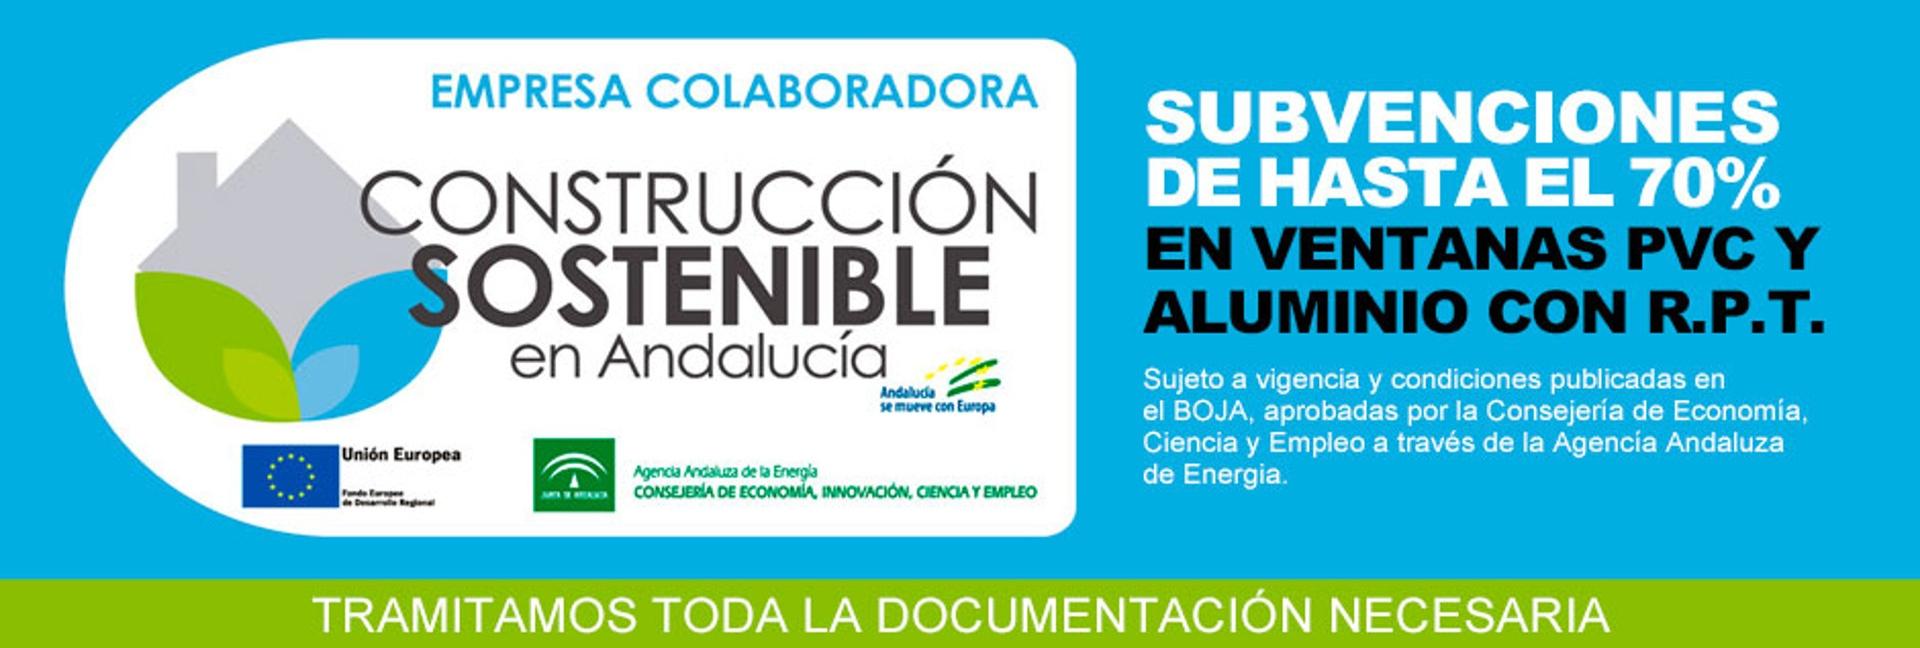 subvencion-junta-andalucia1